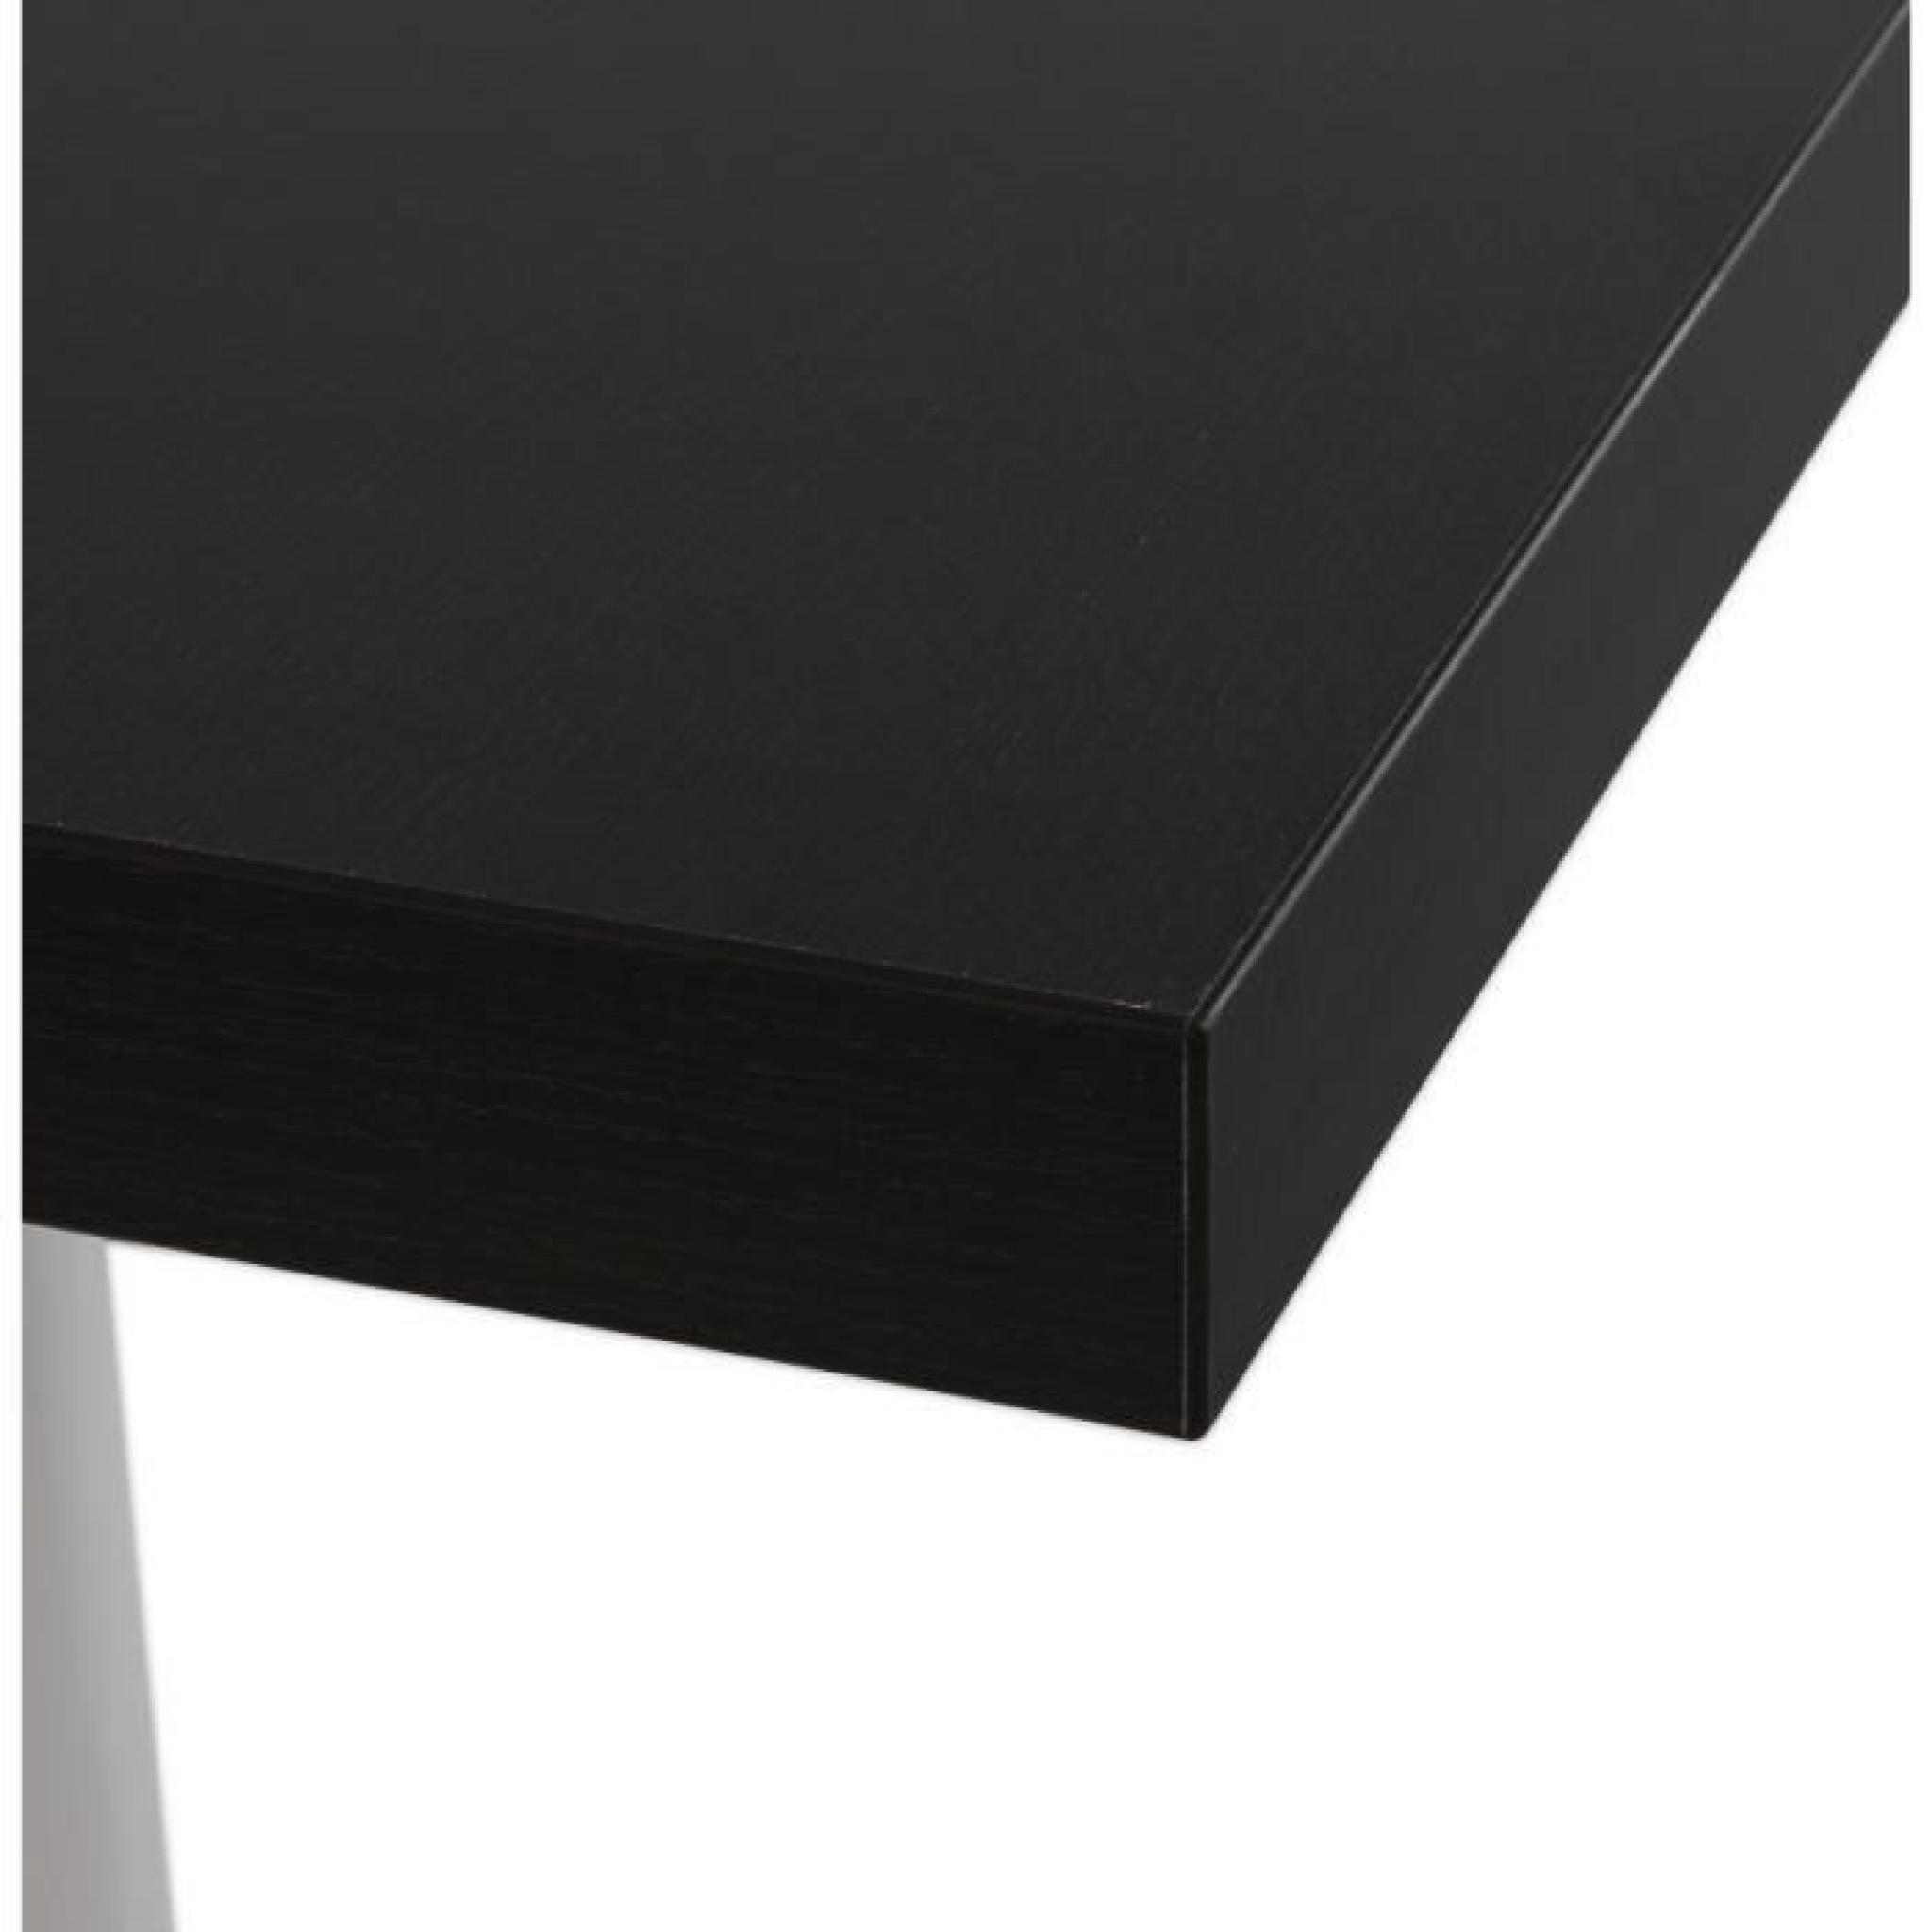 plateau de table en bois ou derives de couleur w achat vente table salle a manger pas cher couleur et design fr